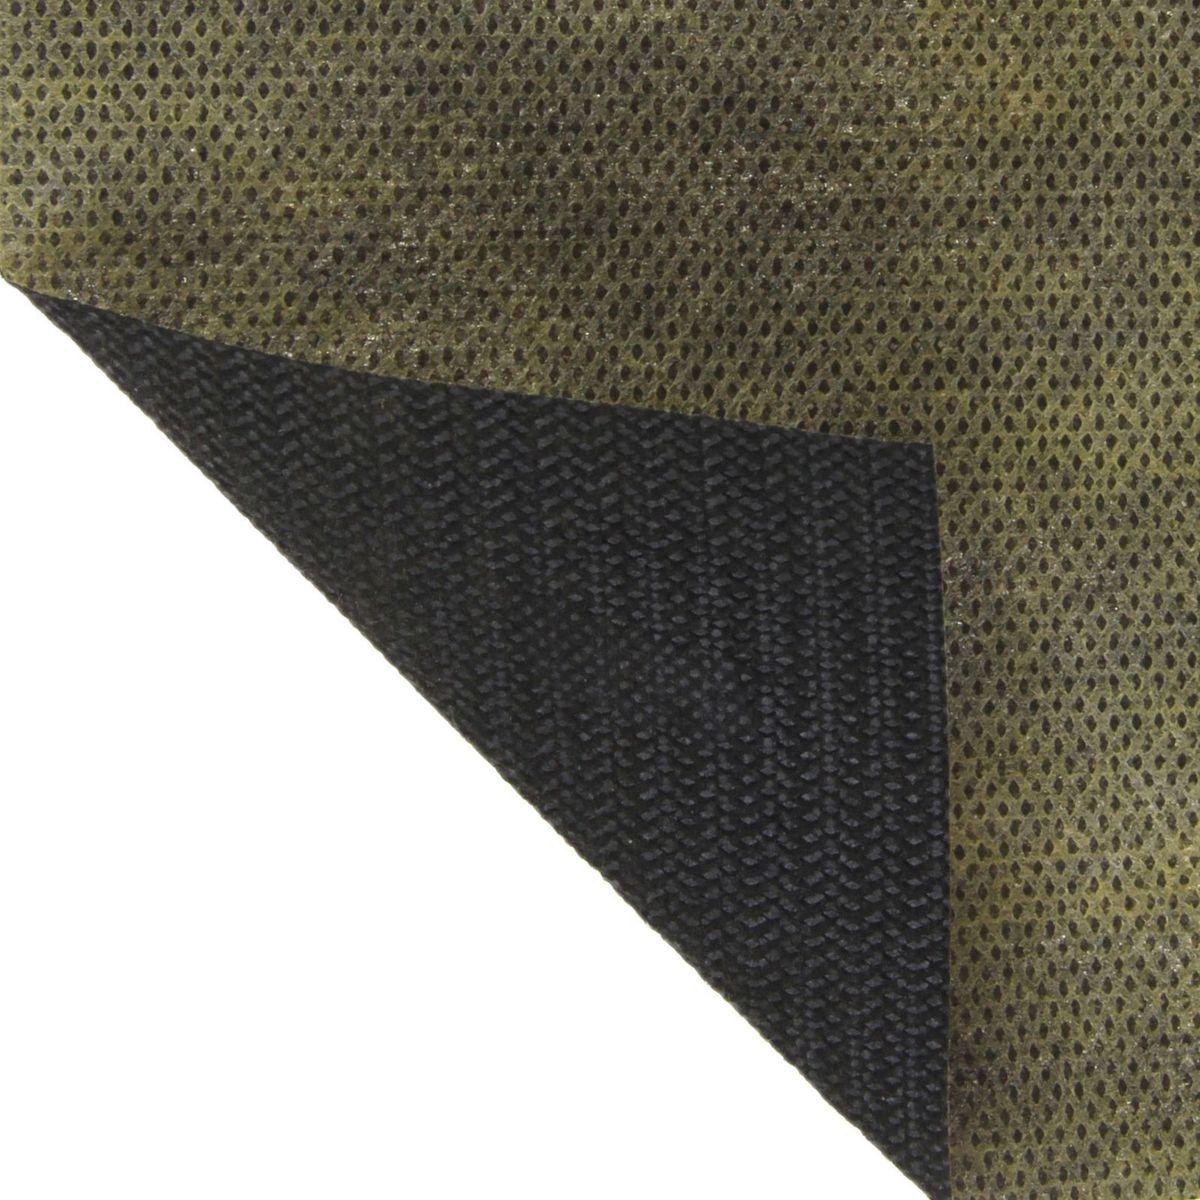 Материал укрывной Агротекс, мульчирующий, цвет: хаки, черный, 5 х 1,6 м защита от вредителей